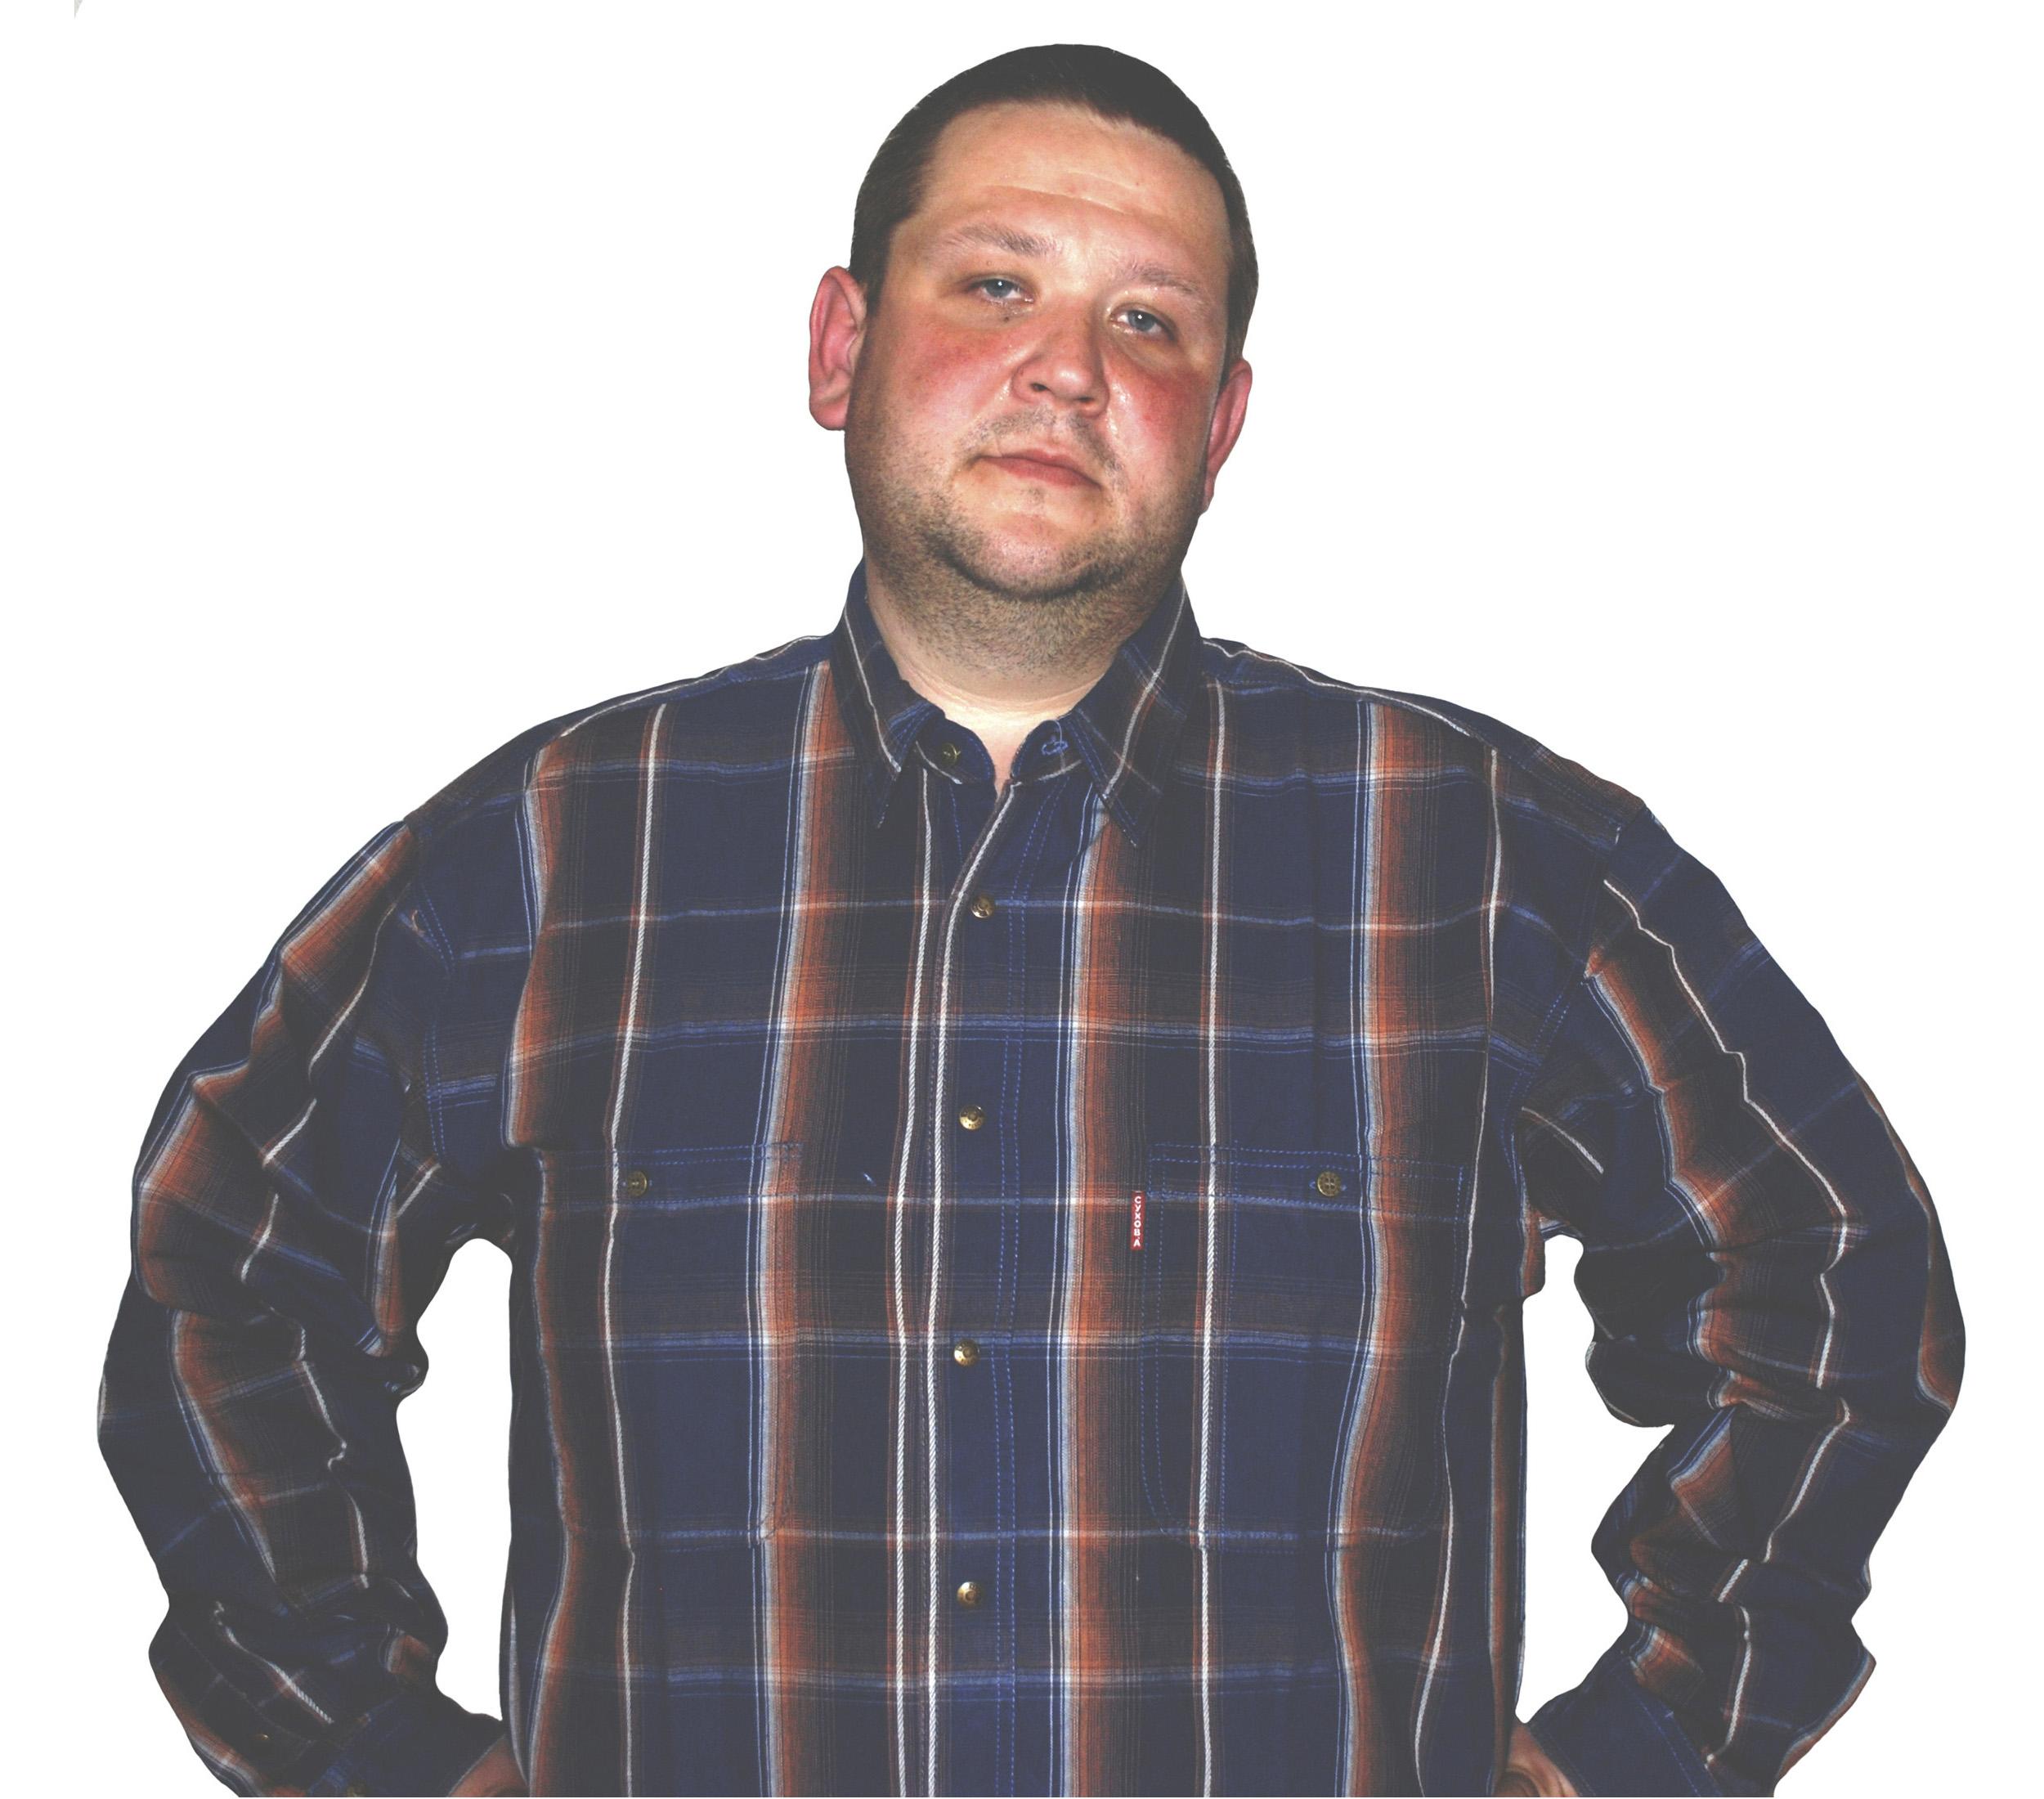 Рубашка большого размера в бордово-синюю клетку. Модель